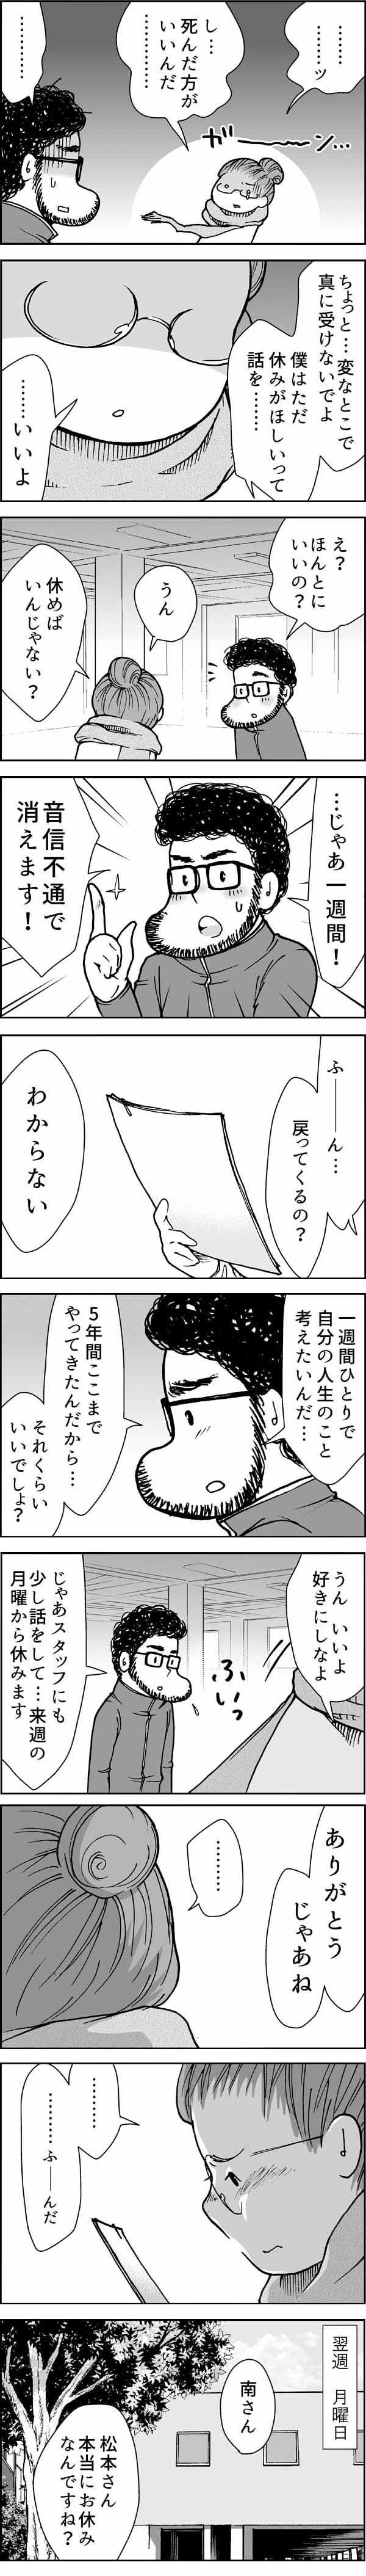 19-02.jpg